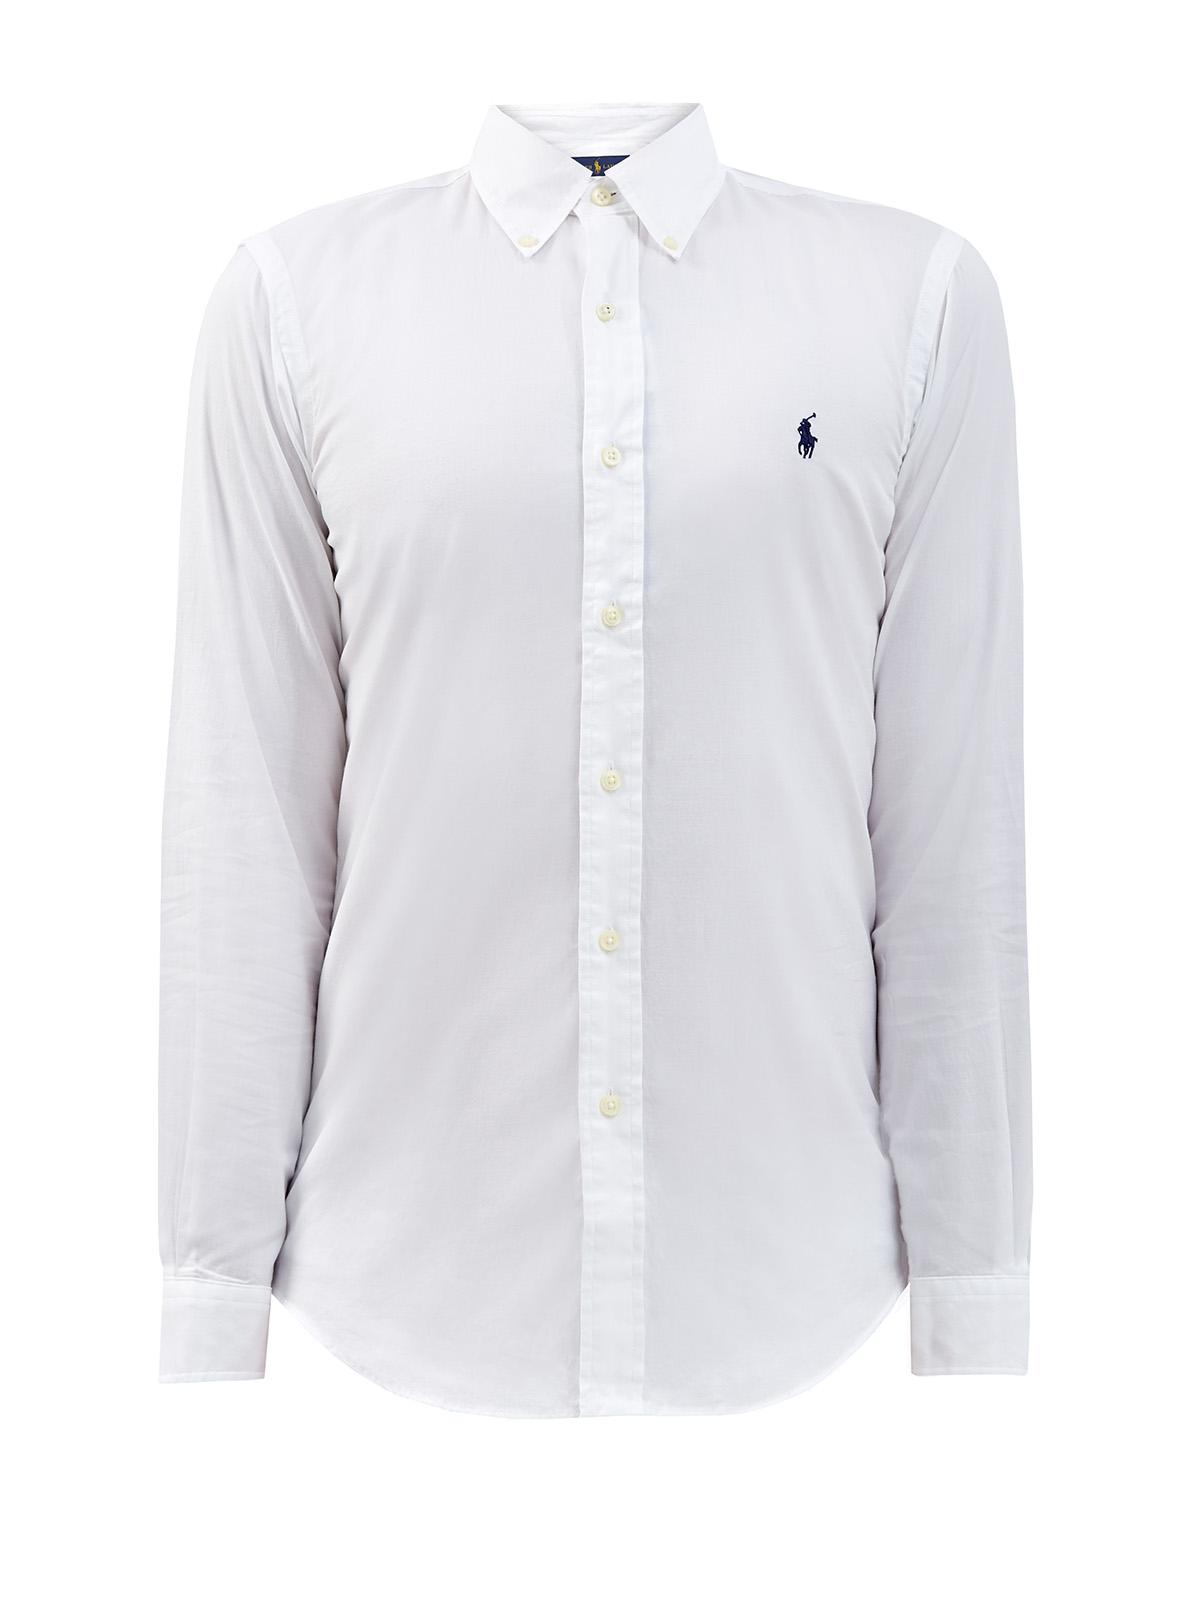 Белая рубашка из хлопкового пике с логотипом